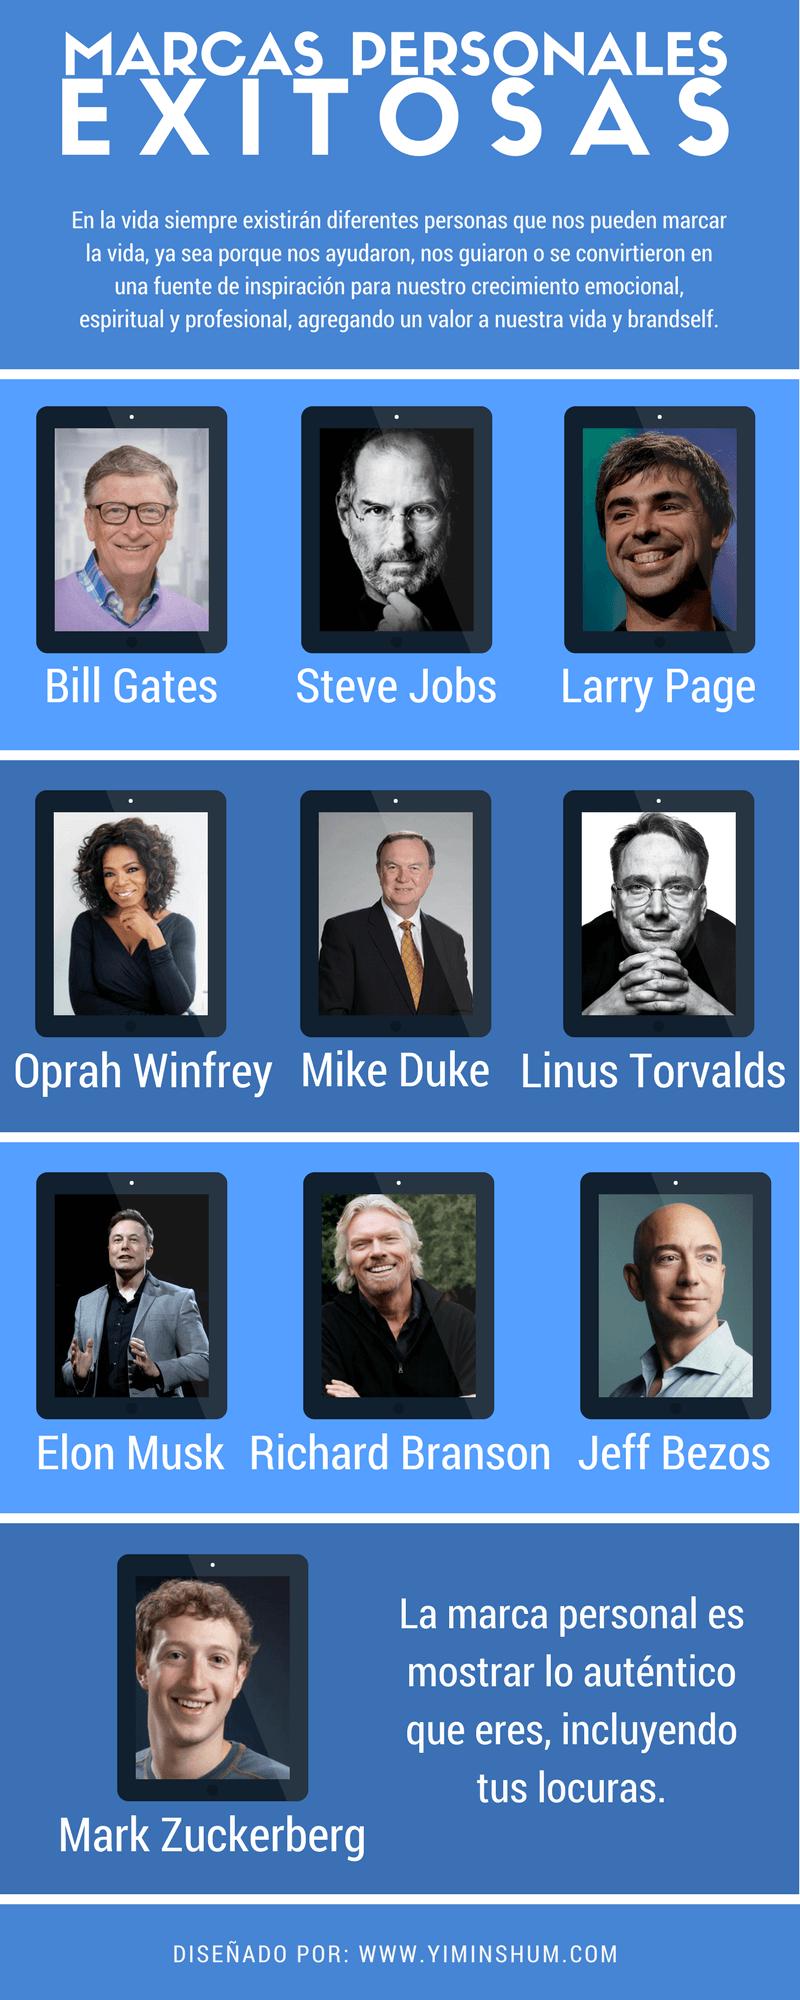 10 marcas personales exitosas infografía